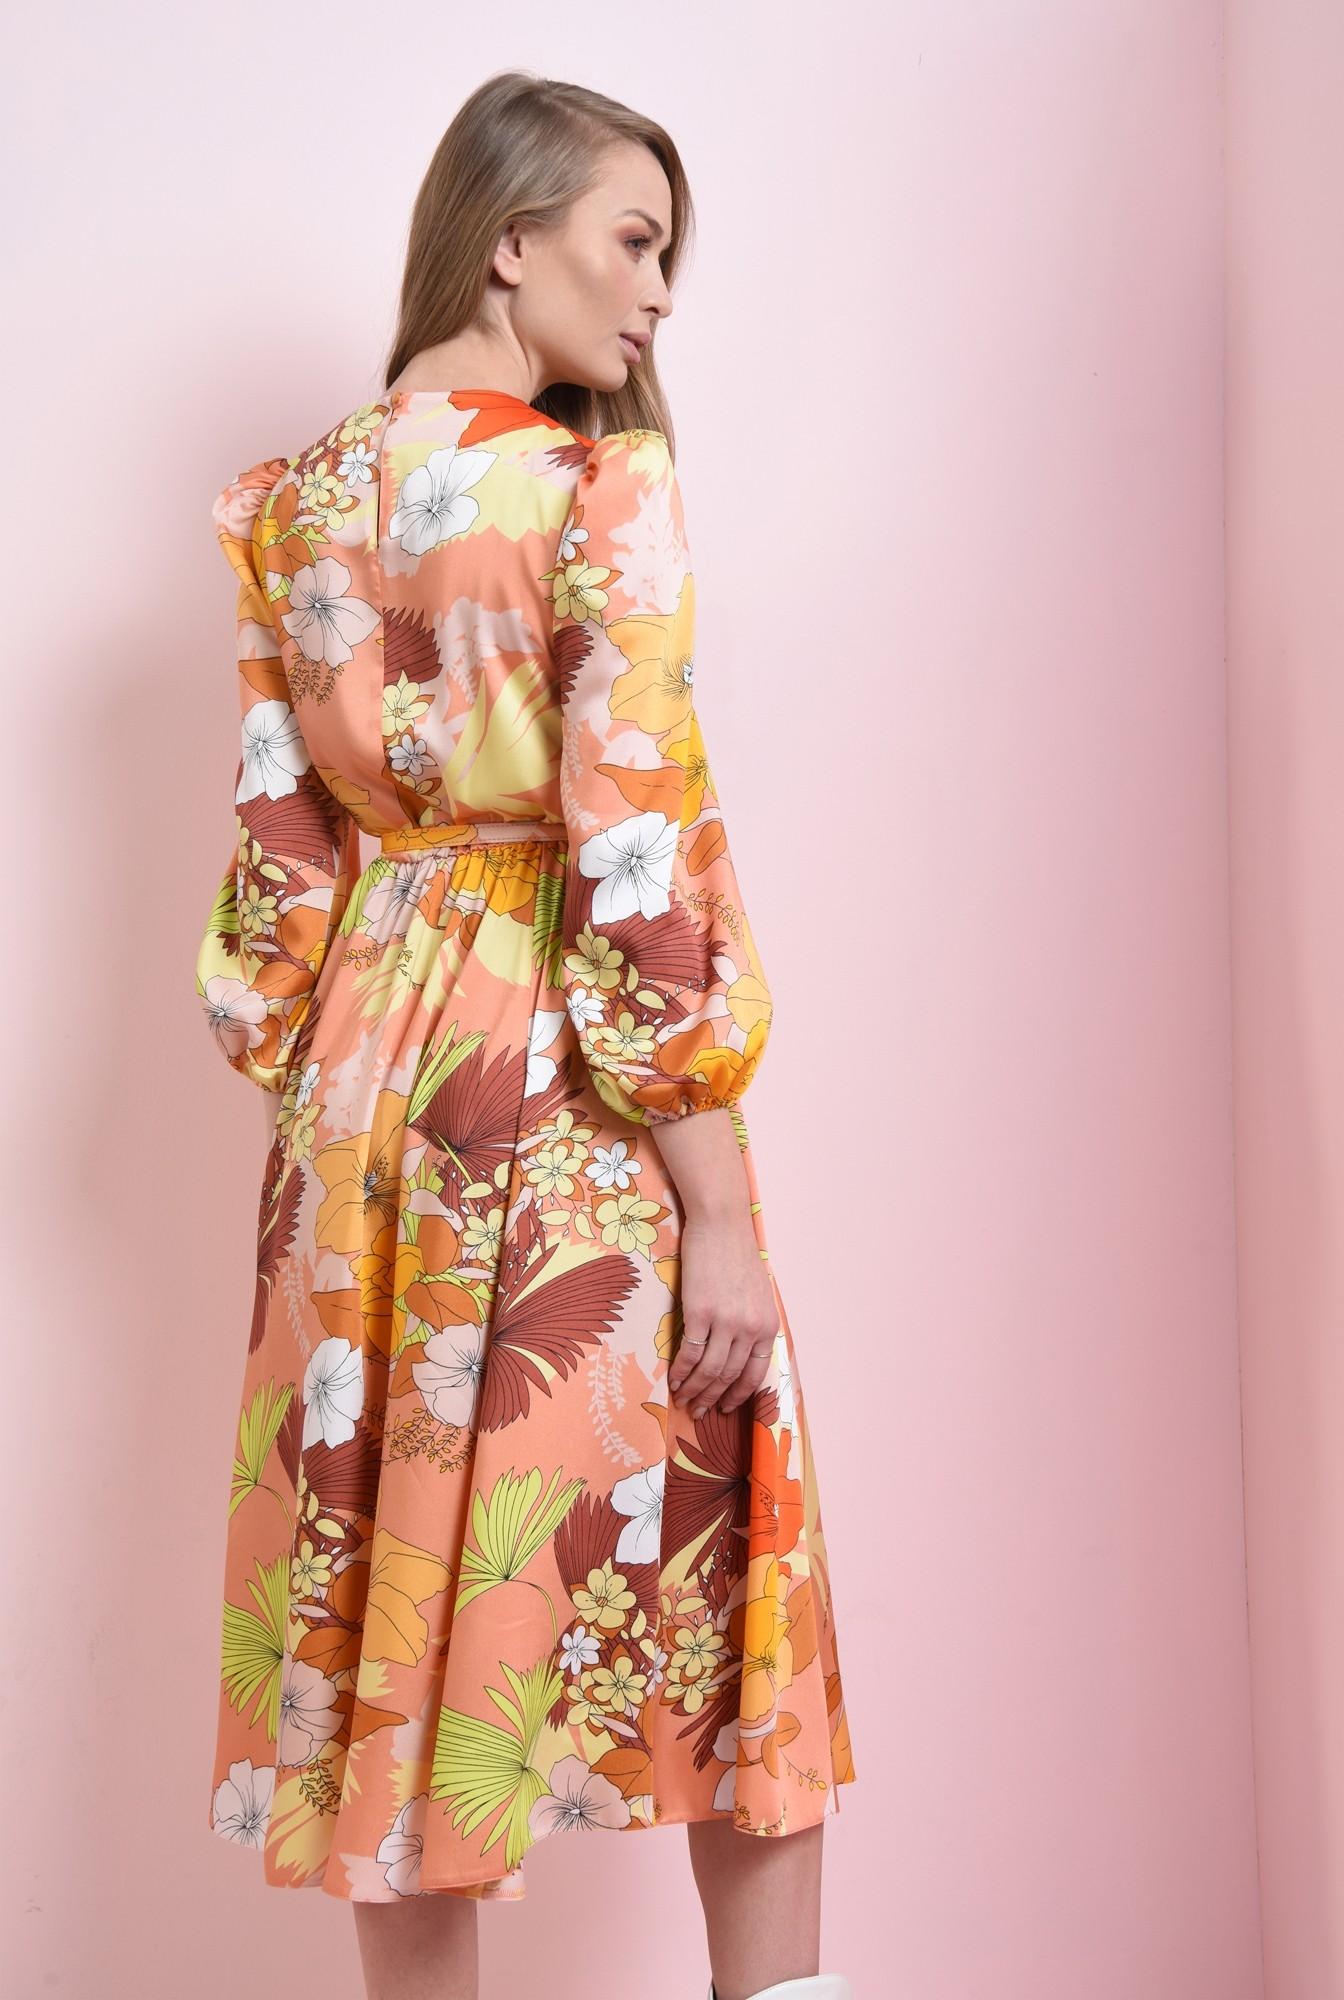 1 - rochie cu umeri accentuati, cu centura